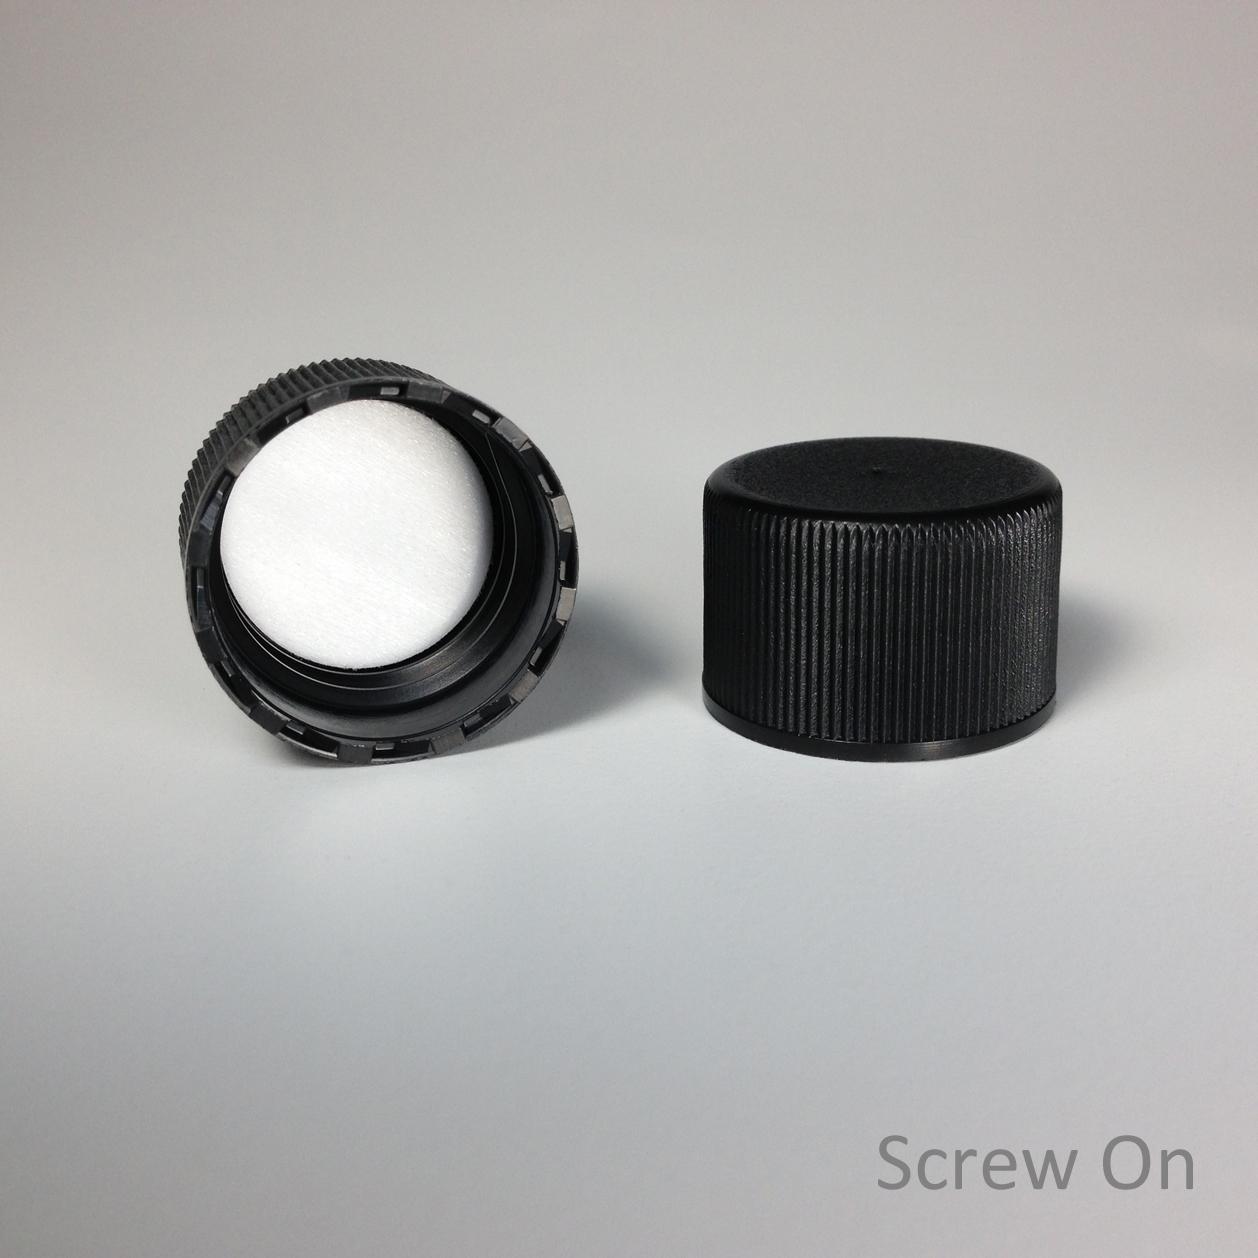 screw-on-black.jpg